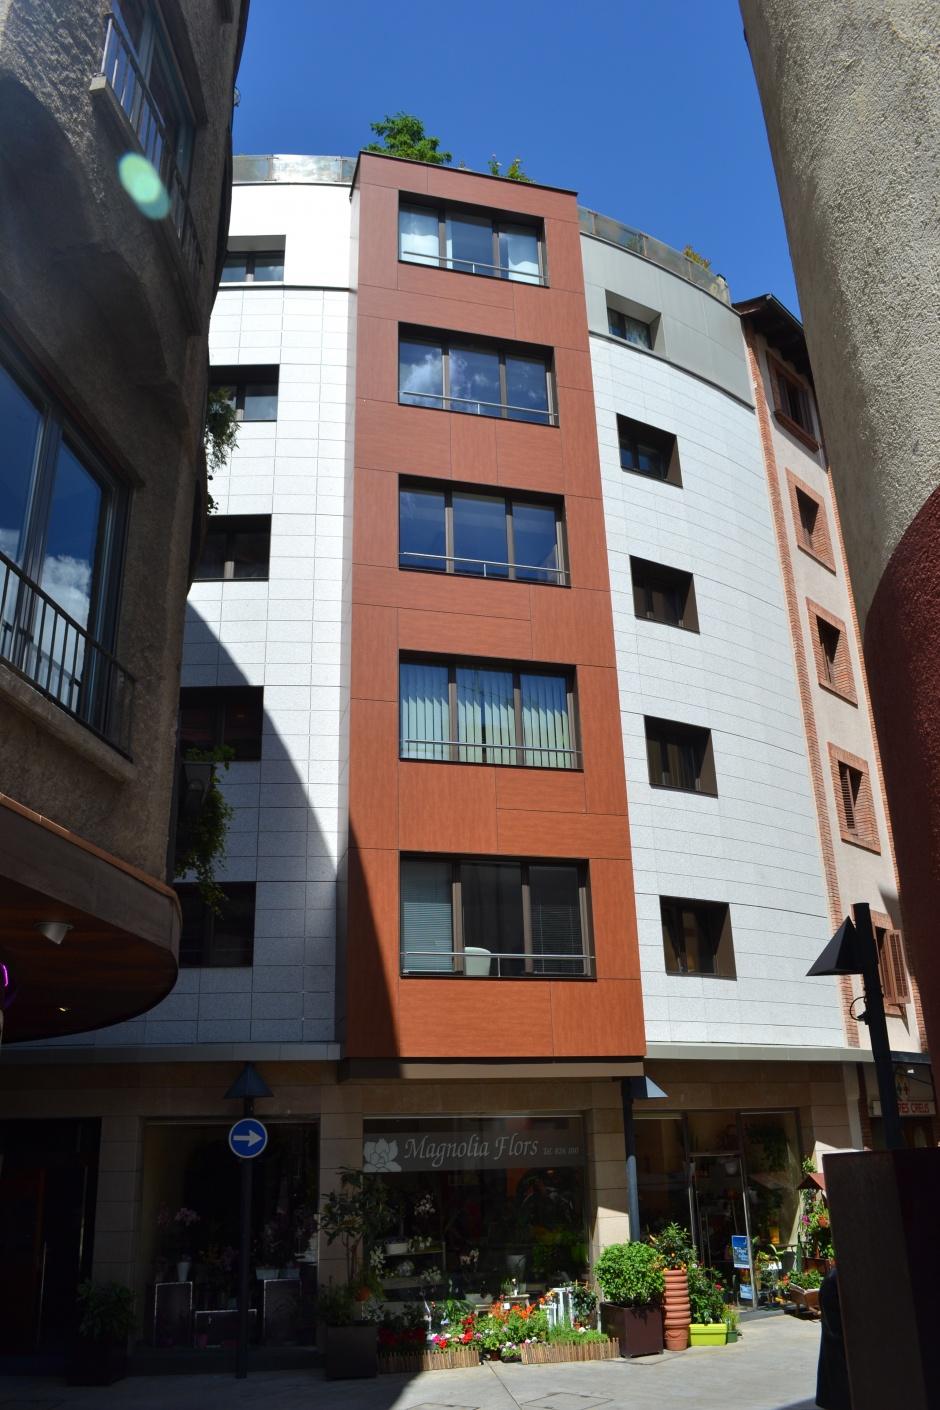 Facade reform in La Laguna Street, 2, Architecture (Principality of Andorra)